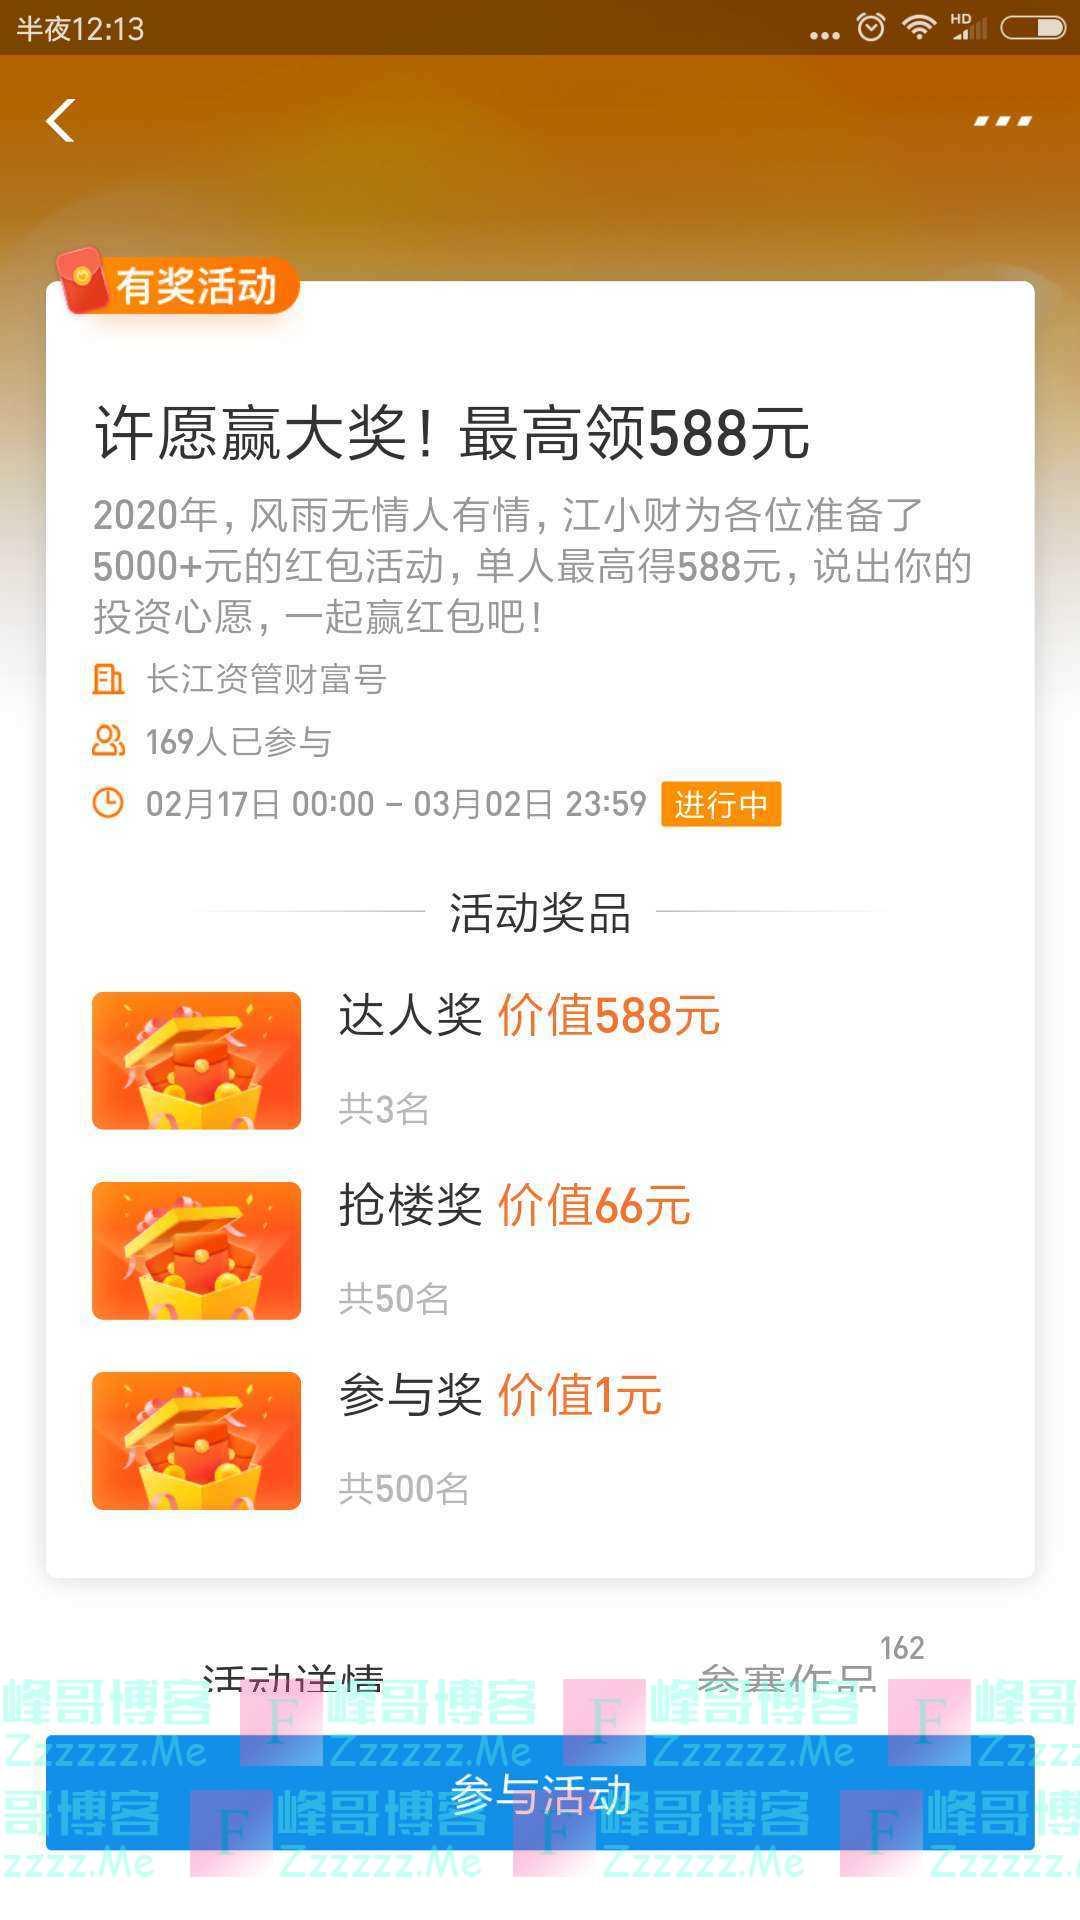 长江资管财富号许愿赢大奖 最高领588元(截止3月2日)